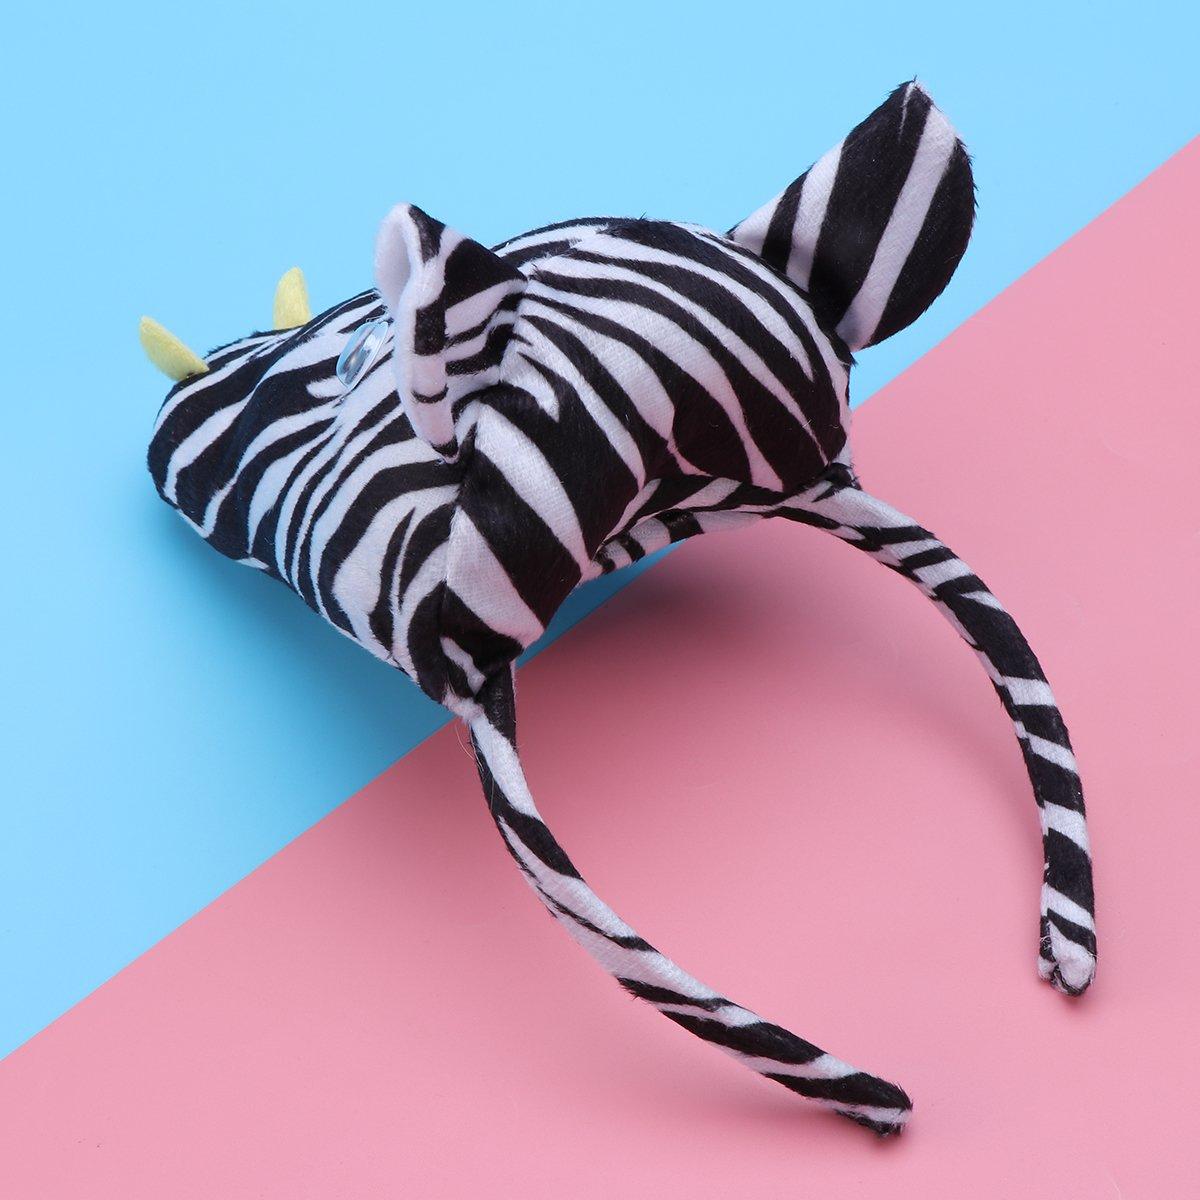 PRETYZOOM 3pcs Disfraz de Cebras para Ni/ños Conjunto de Diadema con Orejas Animal Cola y Pajarita Traje de Costume para Fiesta Carnaval